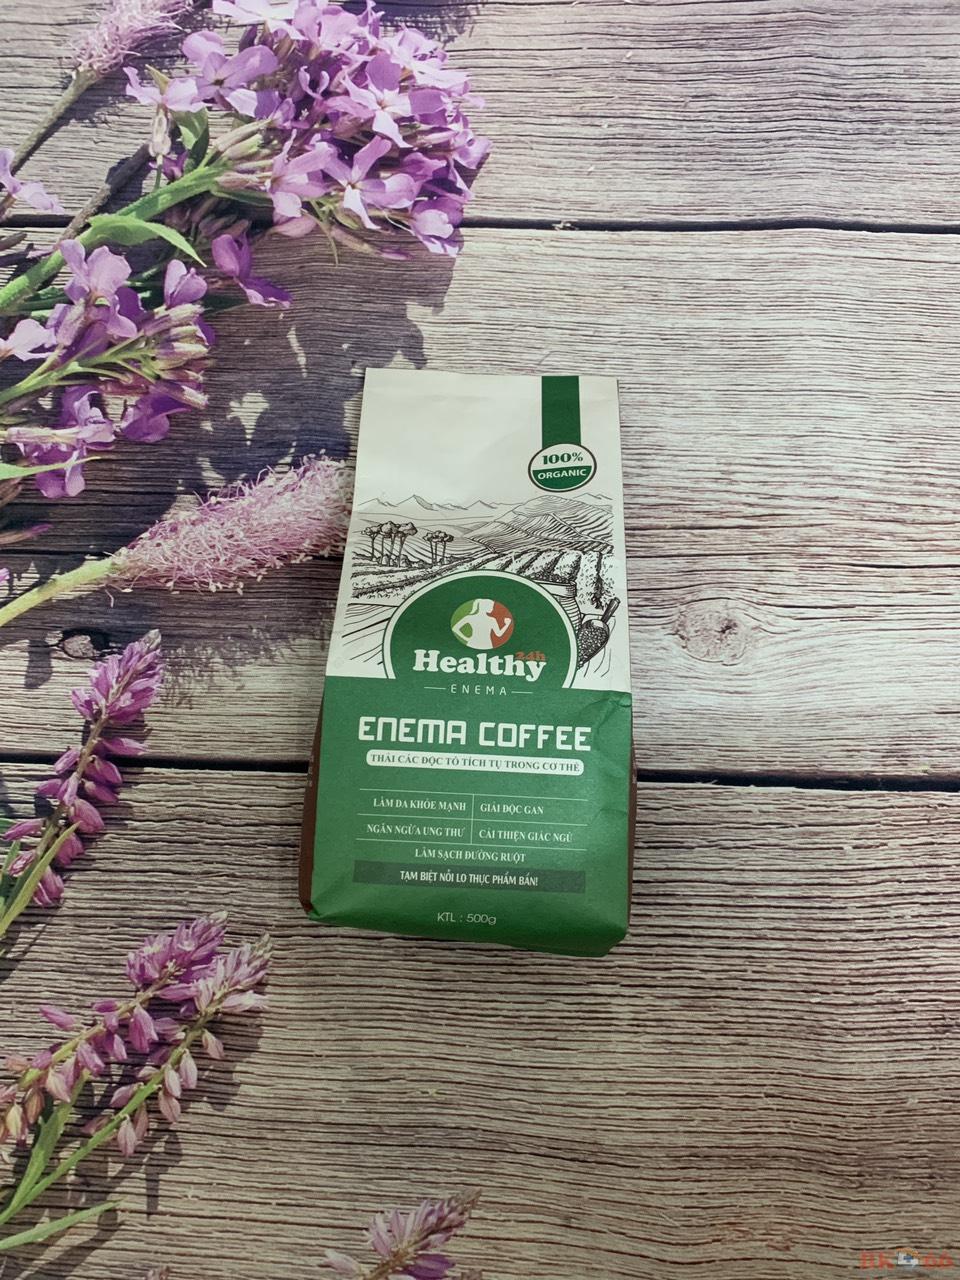 cafe huu co 10% cafe xanh